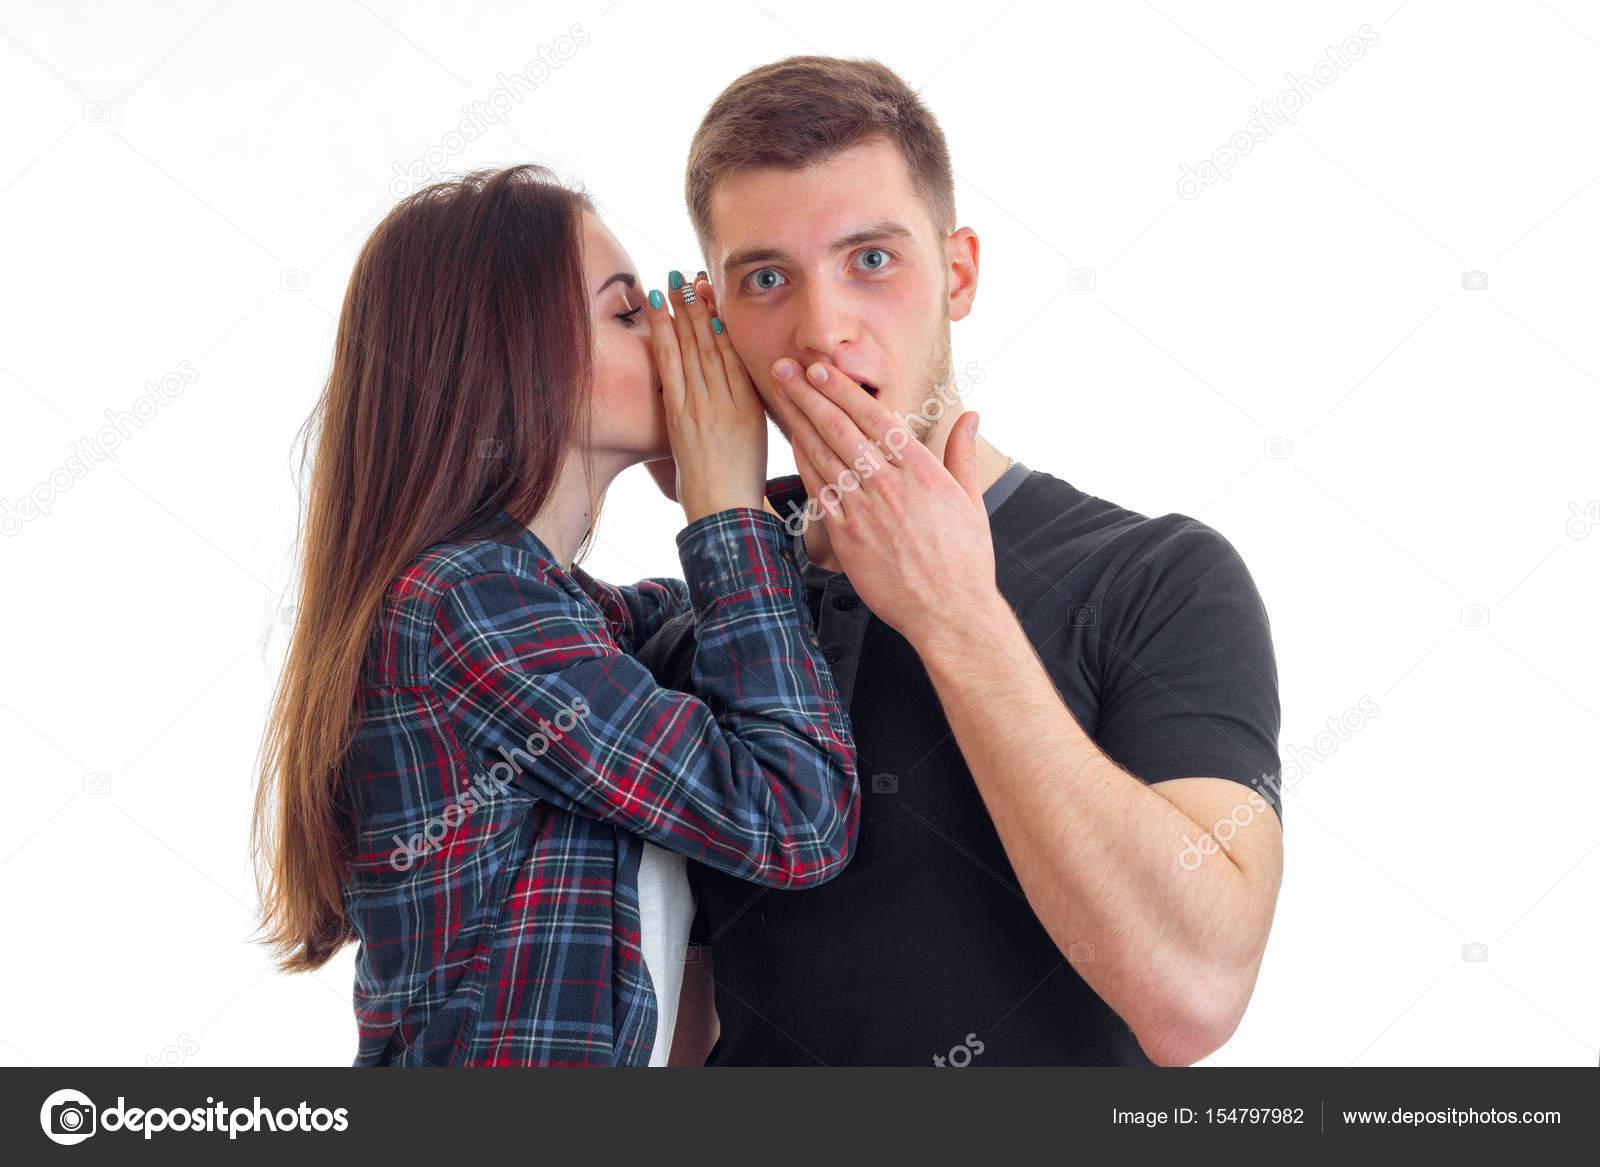 Lång hår flicka dating